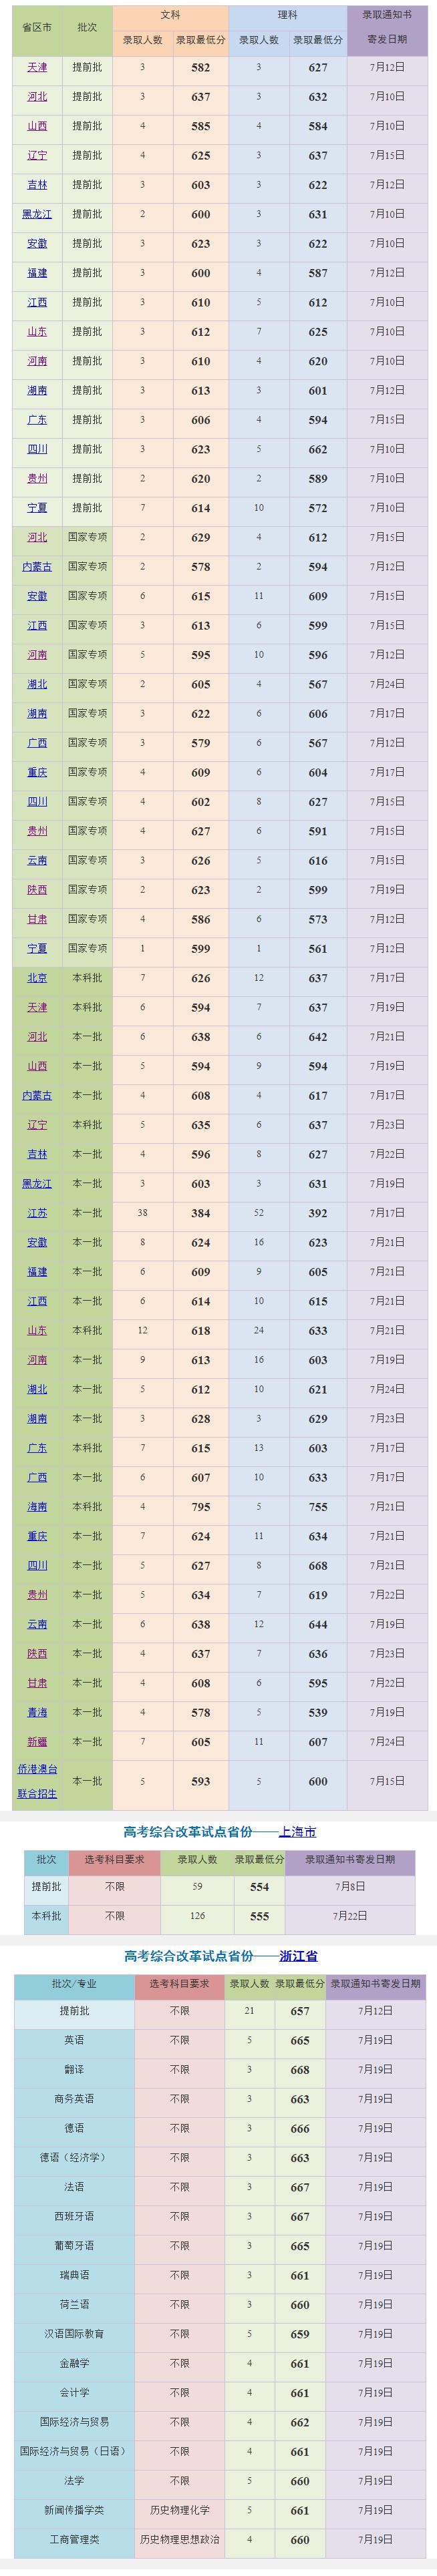 上海外国语大学2019年本科录取分数线